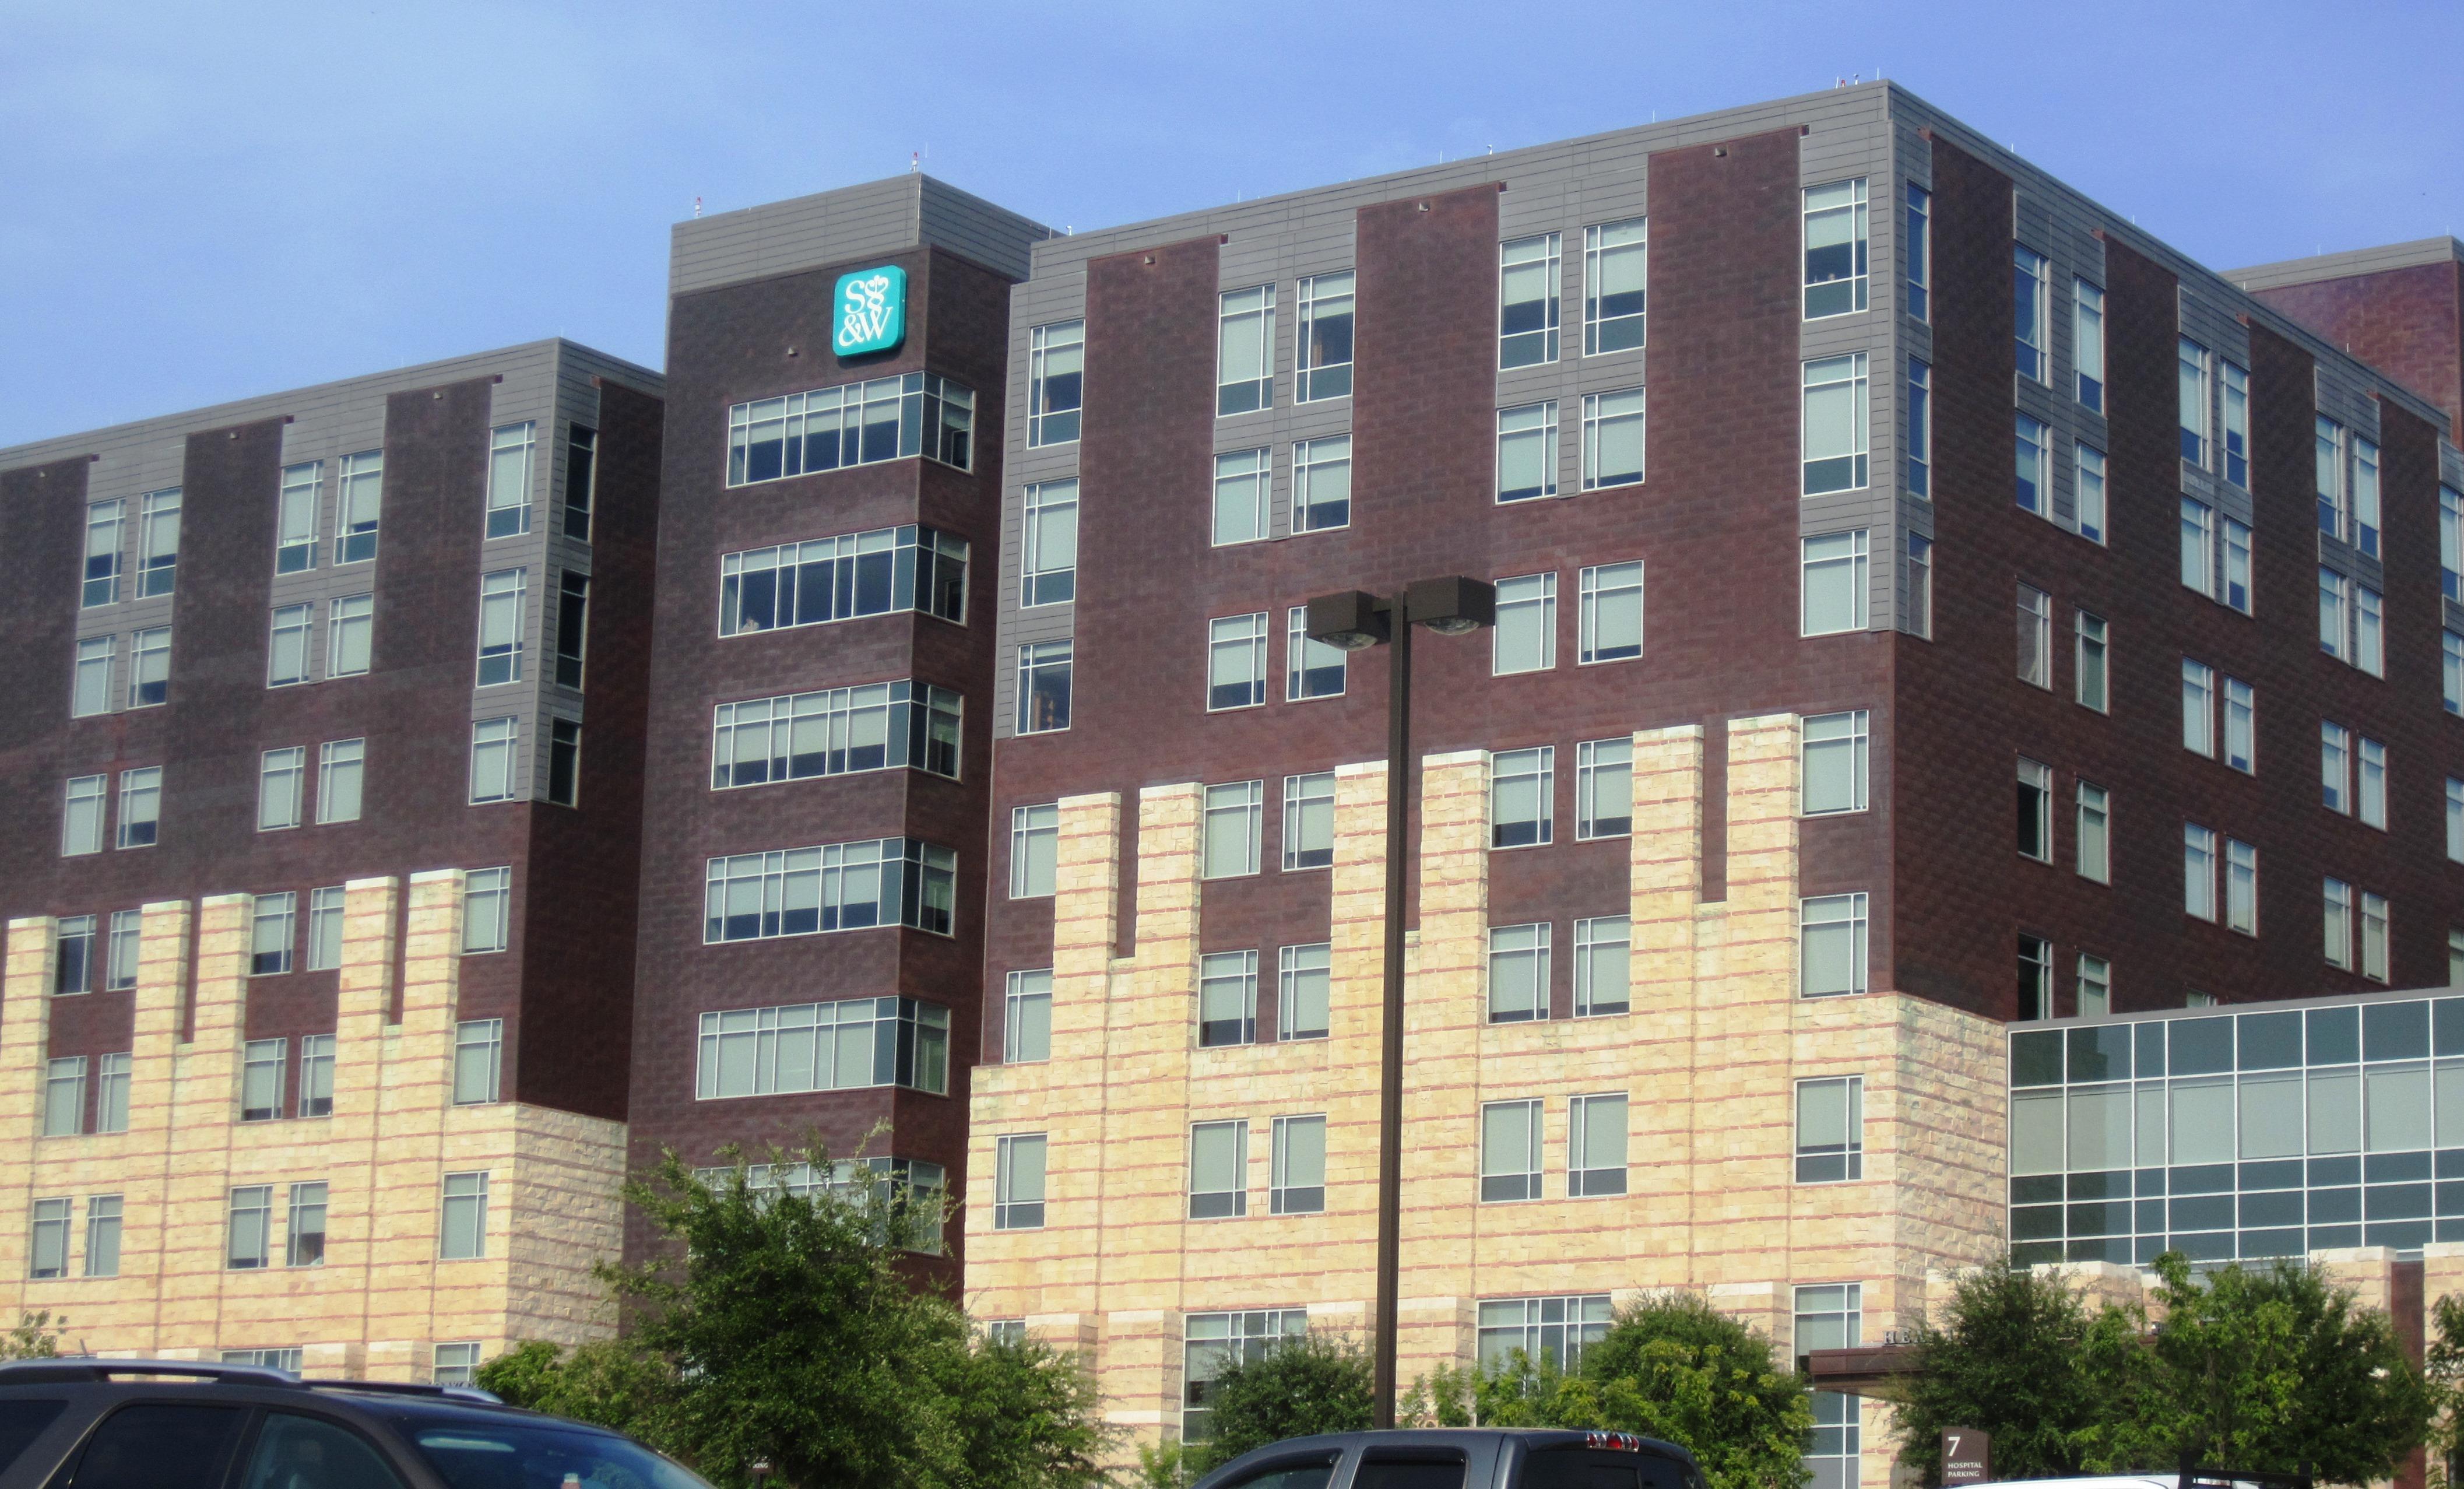 Scott White Medical Center Wikipedia